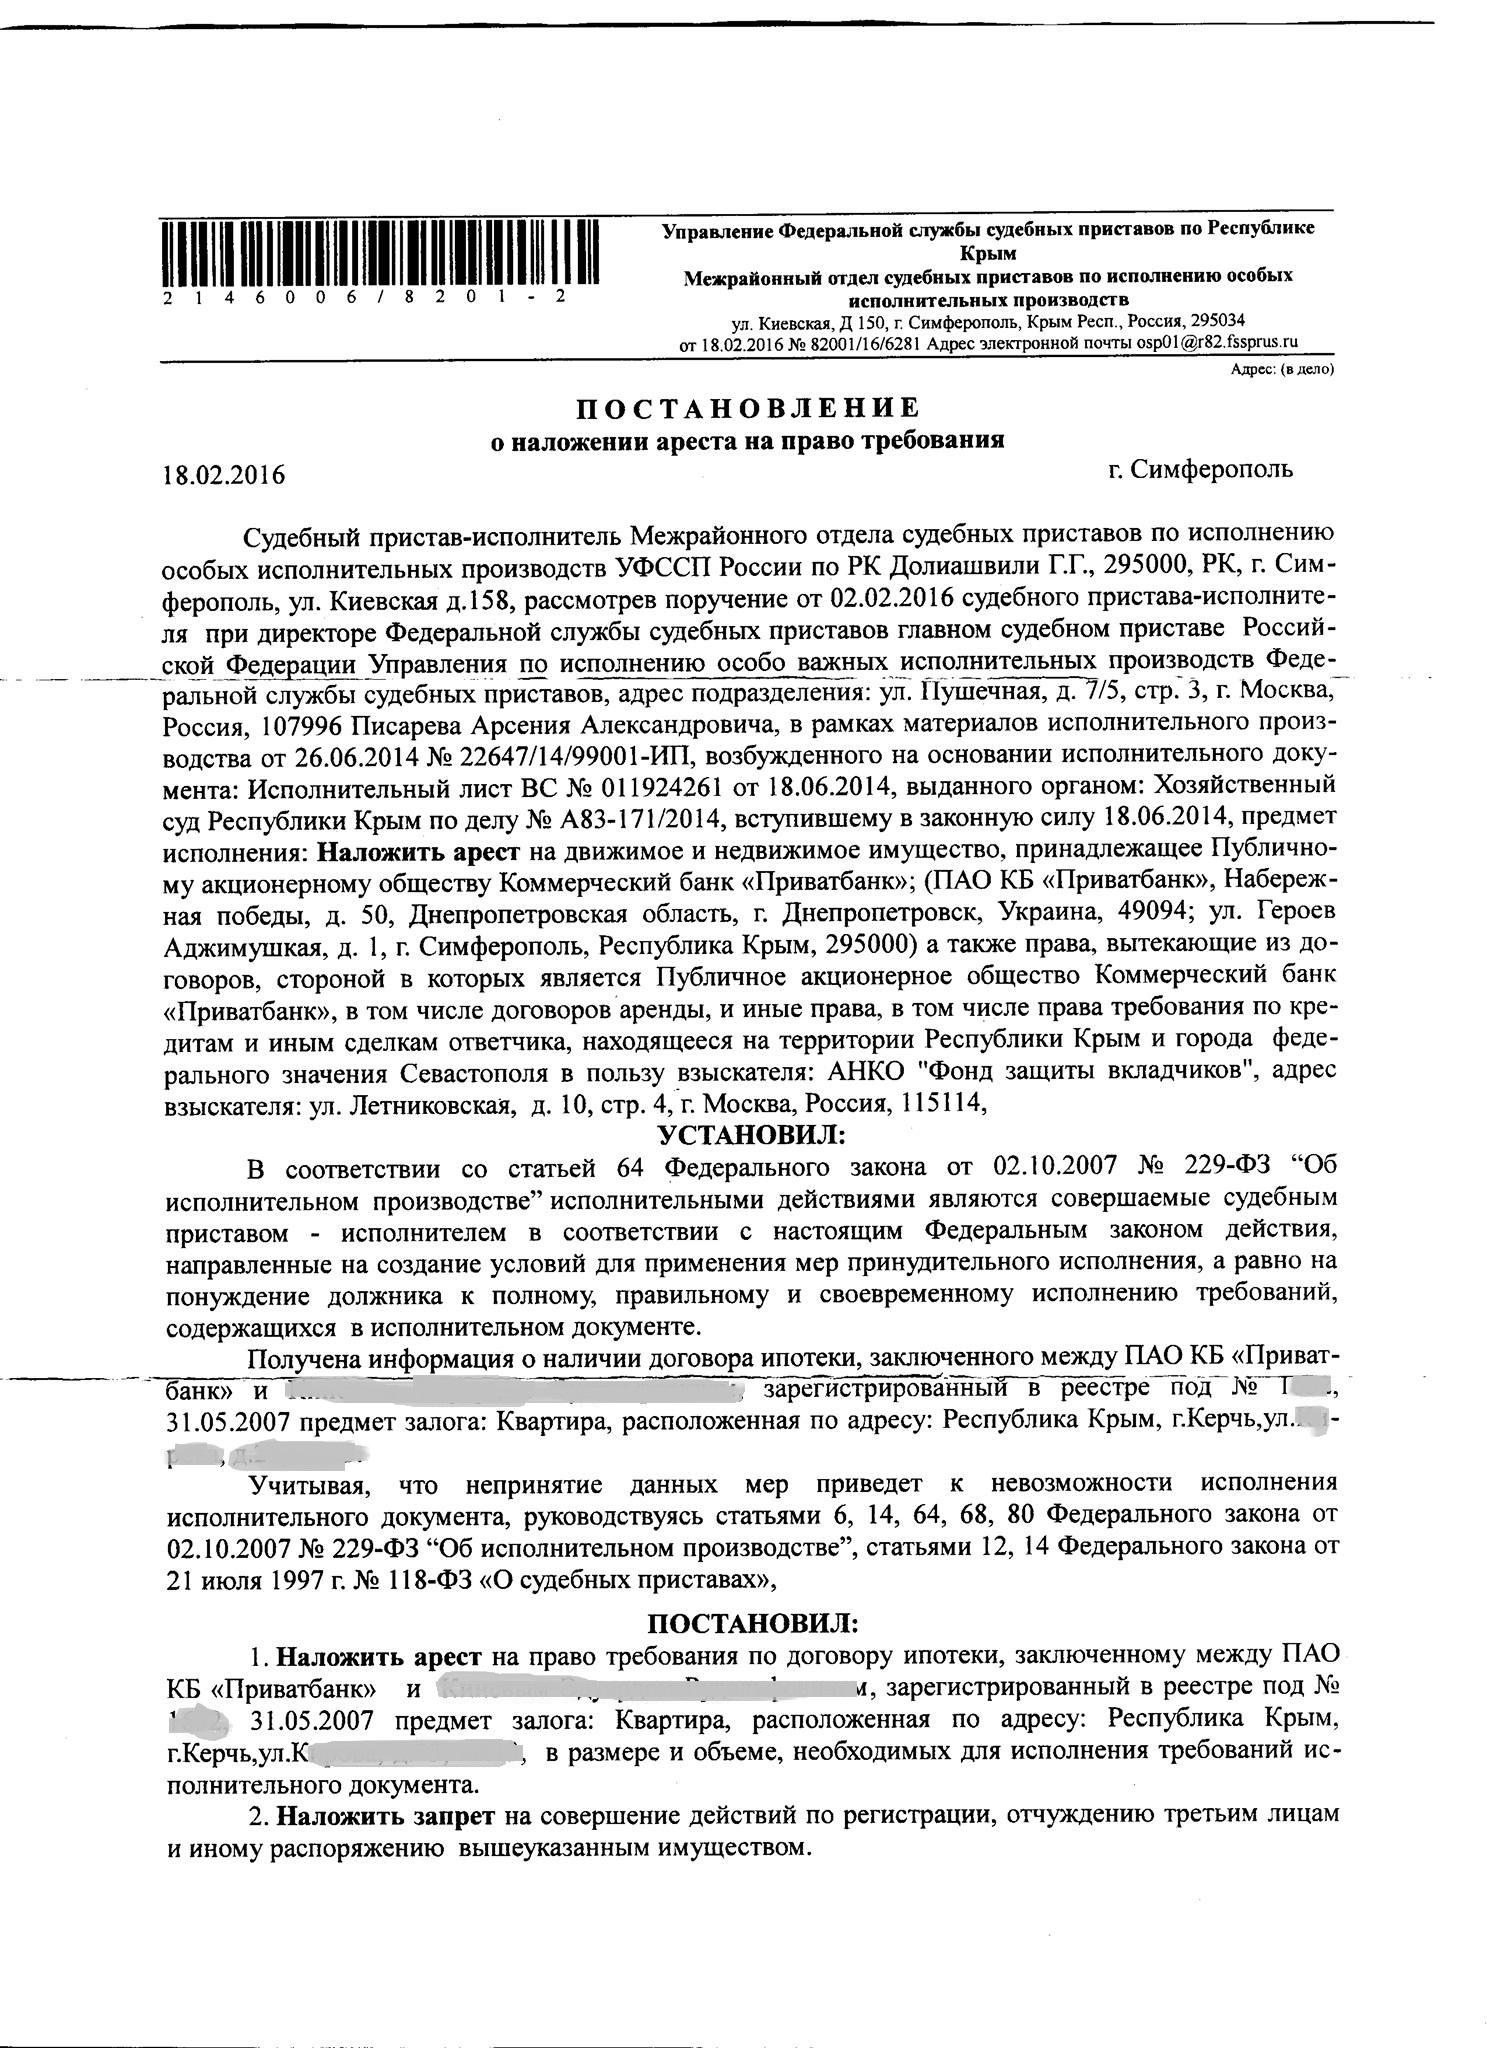 Постановление судебного пристава о наложении ареста на счет коллектор долг порно